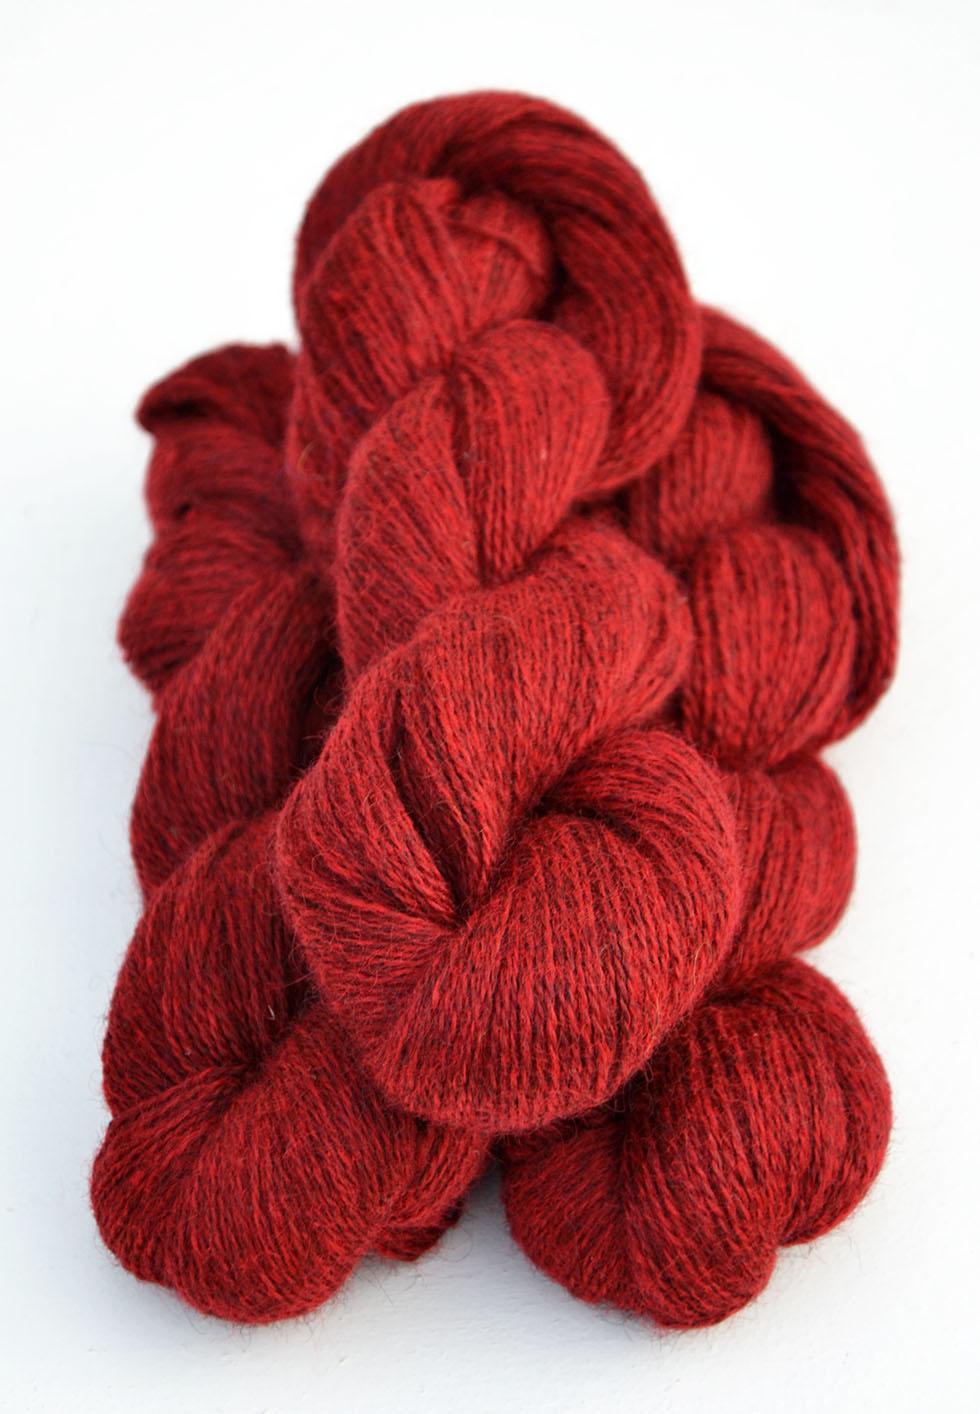 Ullcentrum 6-2-1103 Rot auf dunklem Gotland Red on medium grey Röd på mellangrå